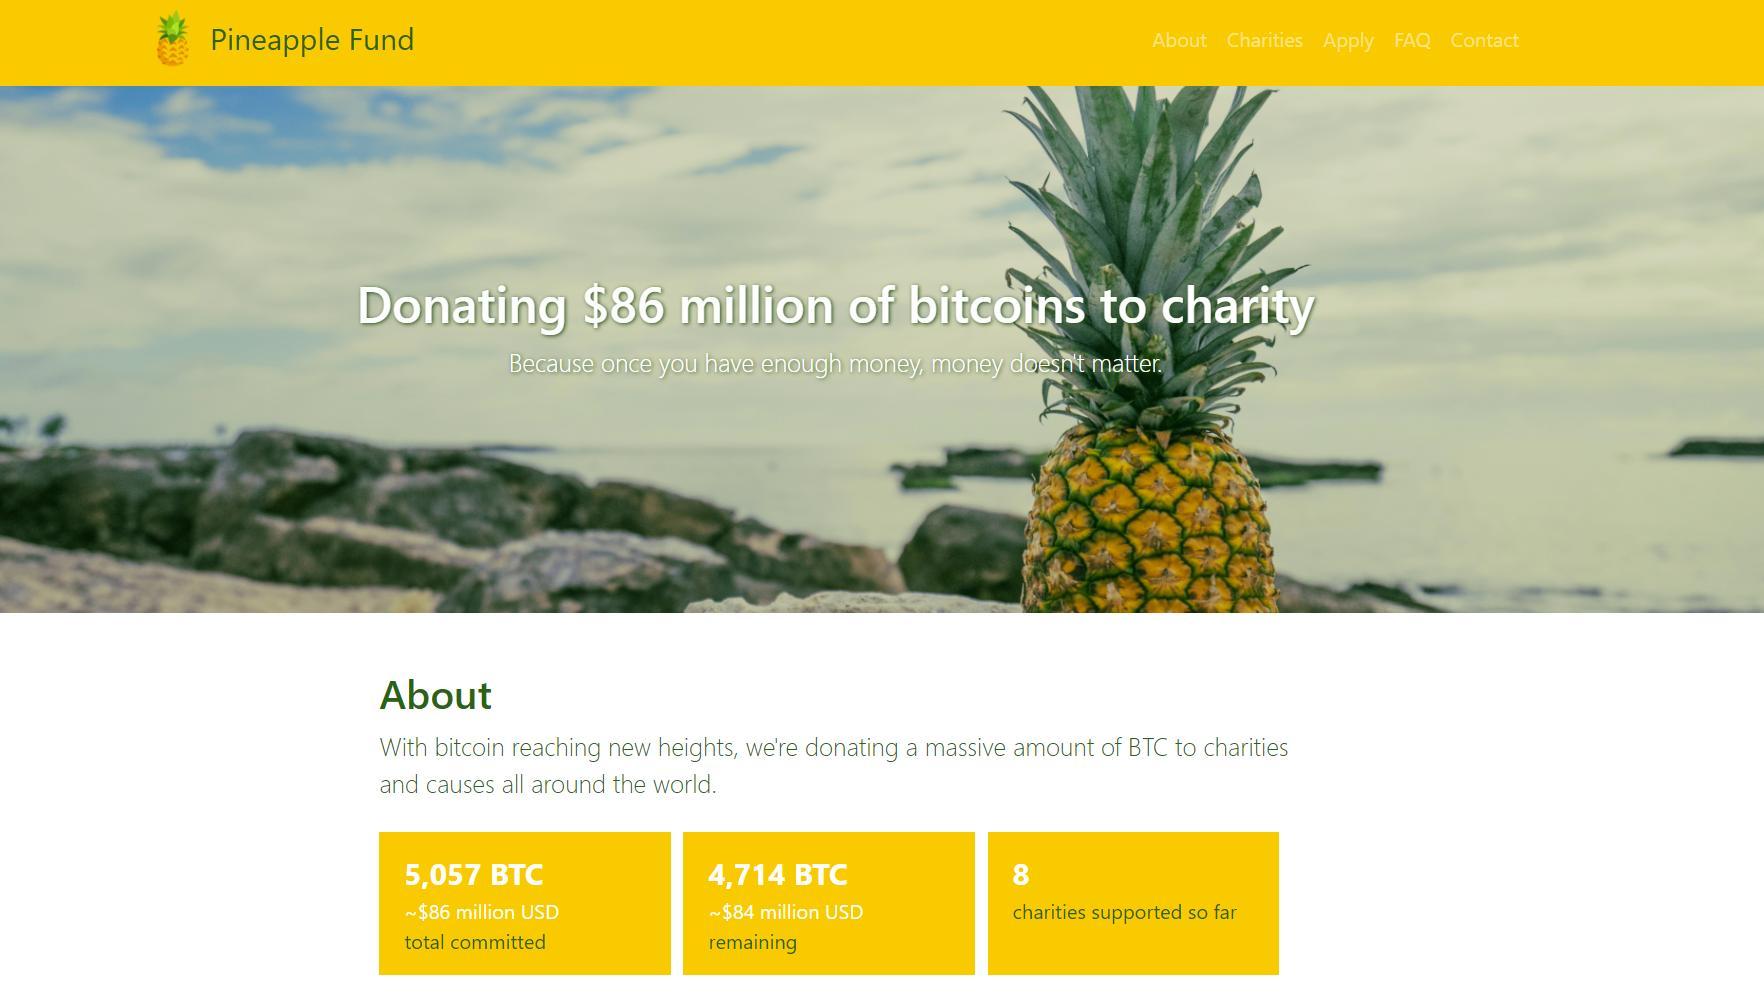 The Pineapple Fund gir bort enorme mengder Bitcoin-verdier til veldedige formål. Bilde: Skjermdump